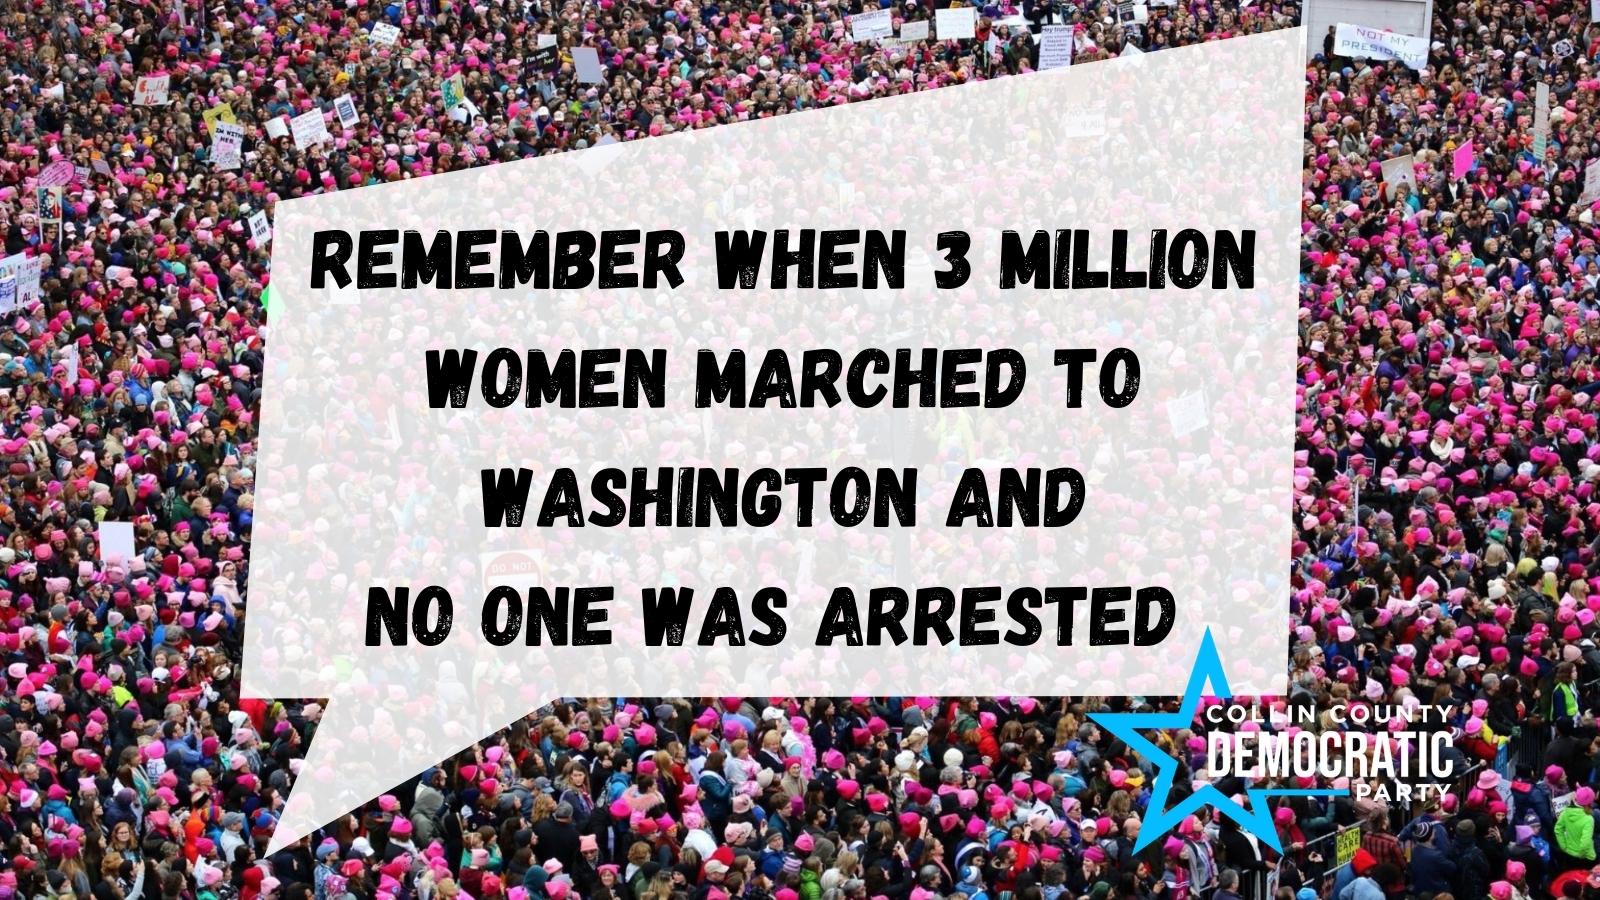 3 Million Women March